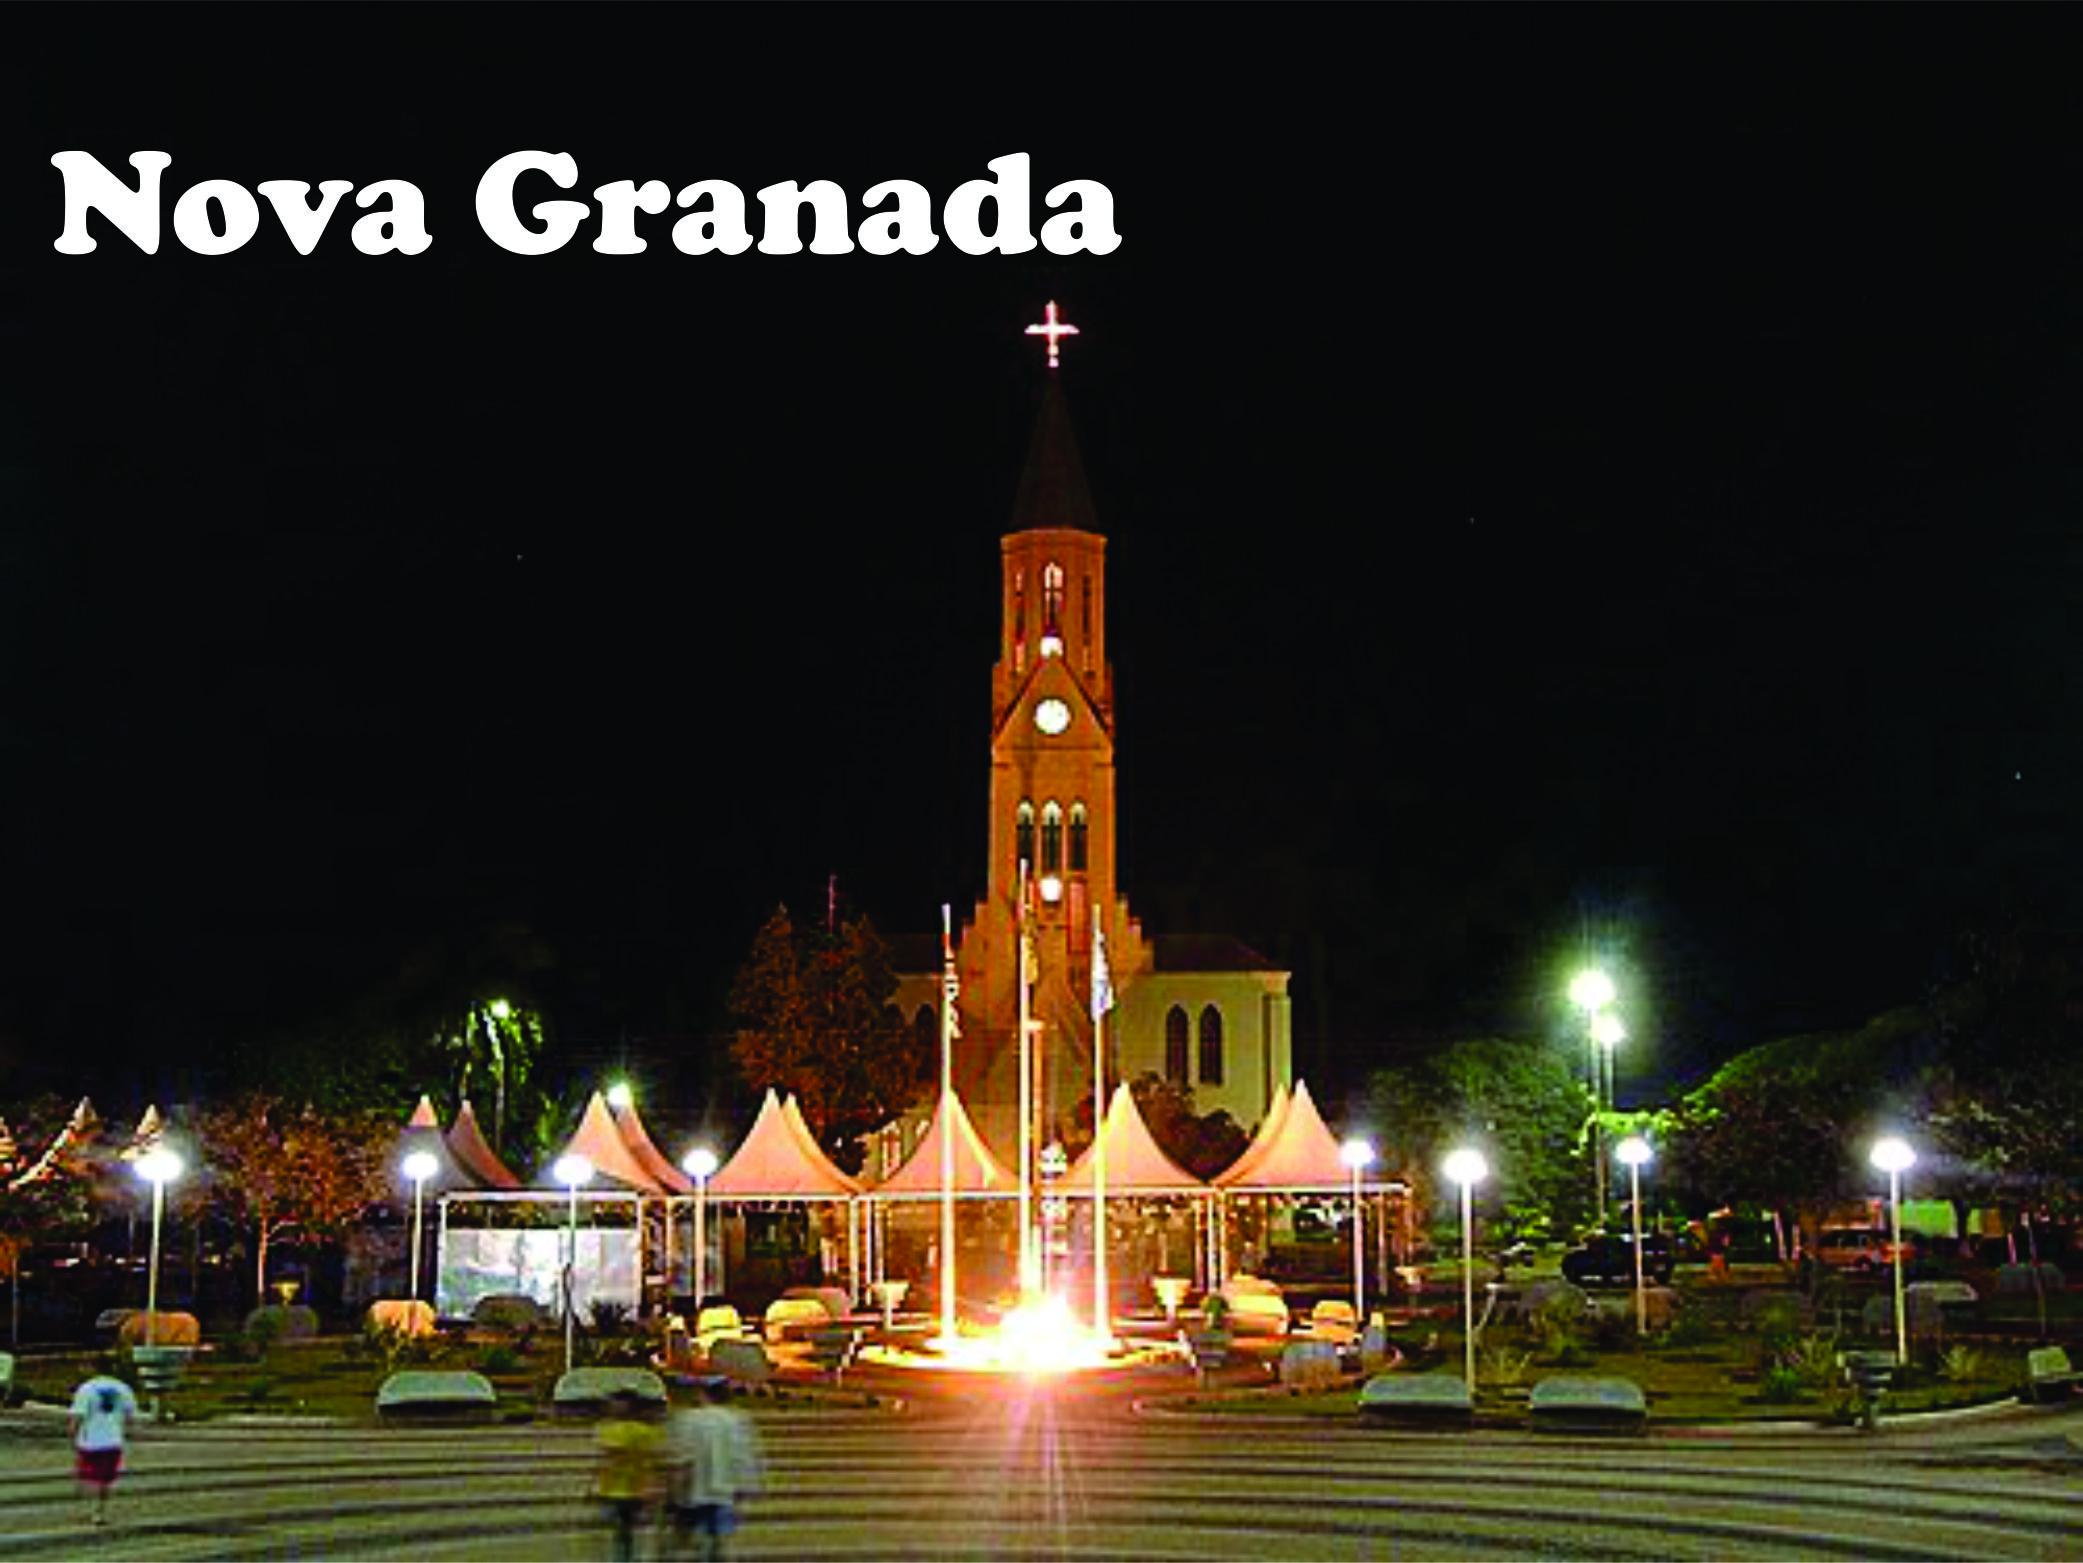 NOVAGRANADA